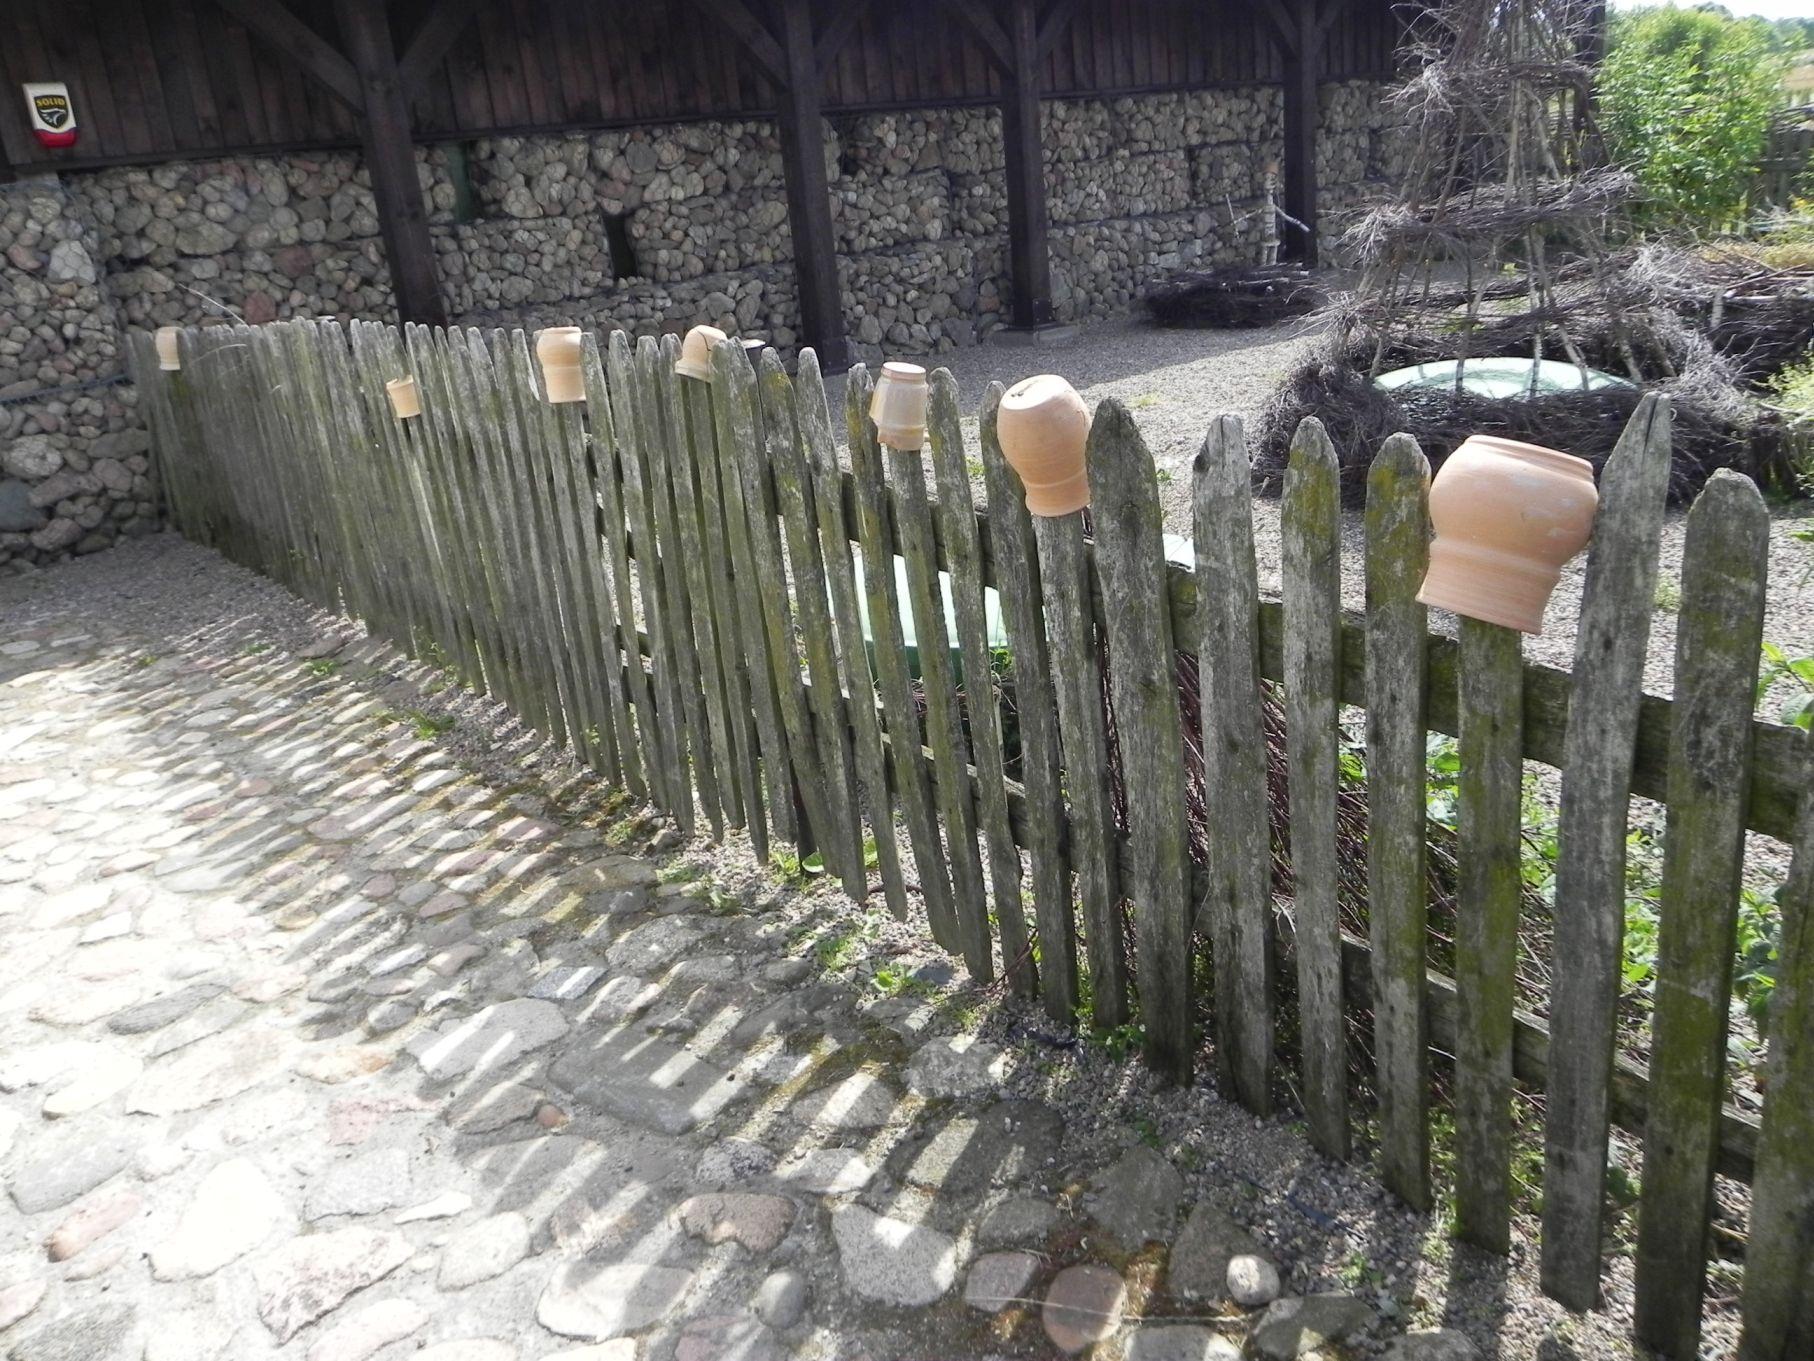 Kamionka - wioski tematyczne (17)